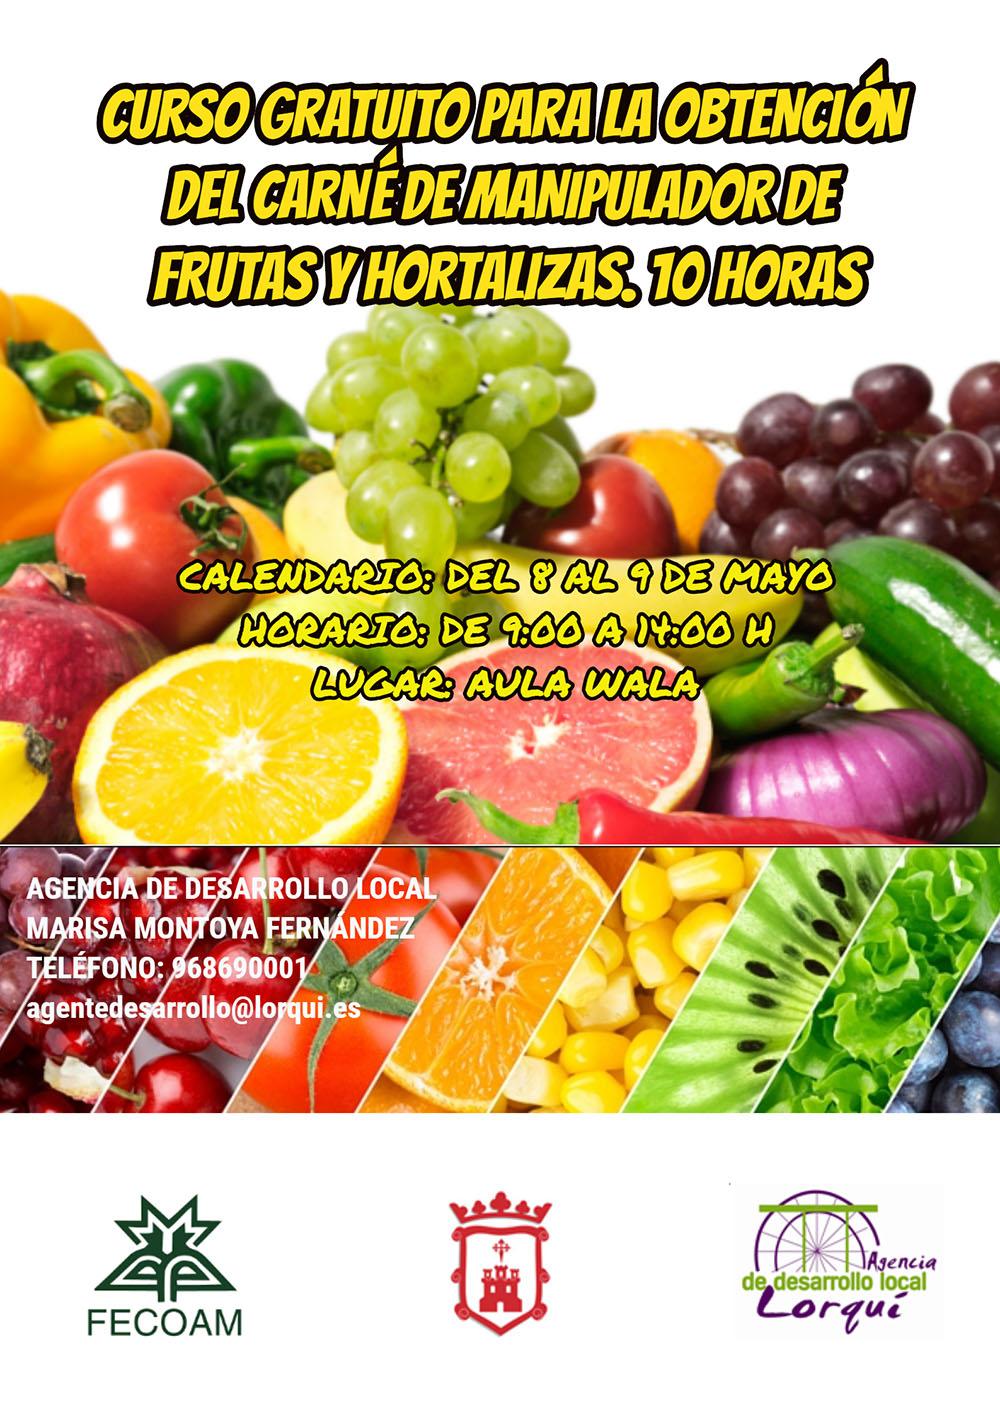 Cartel Fecoam Manipulador frutas y hortalizas